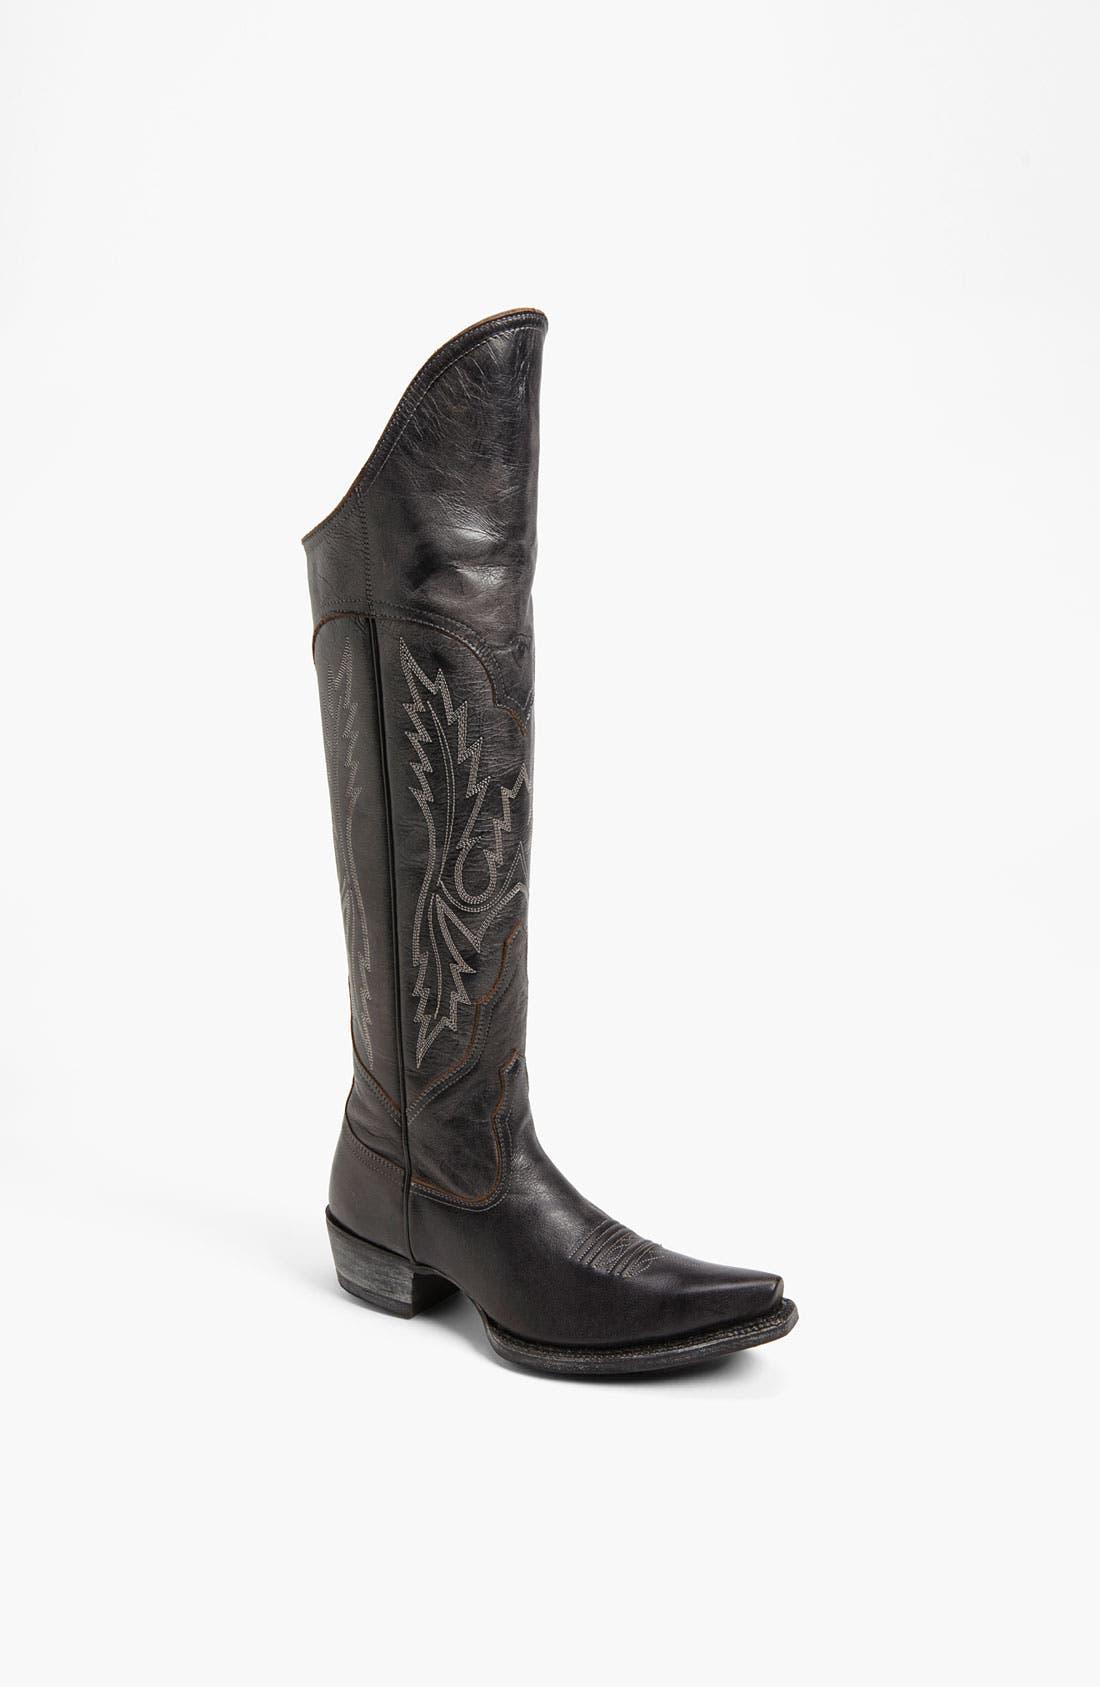 Alternate Image 1 Selected - Ariat 'Murrieta' Boot